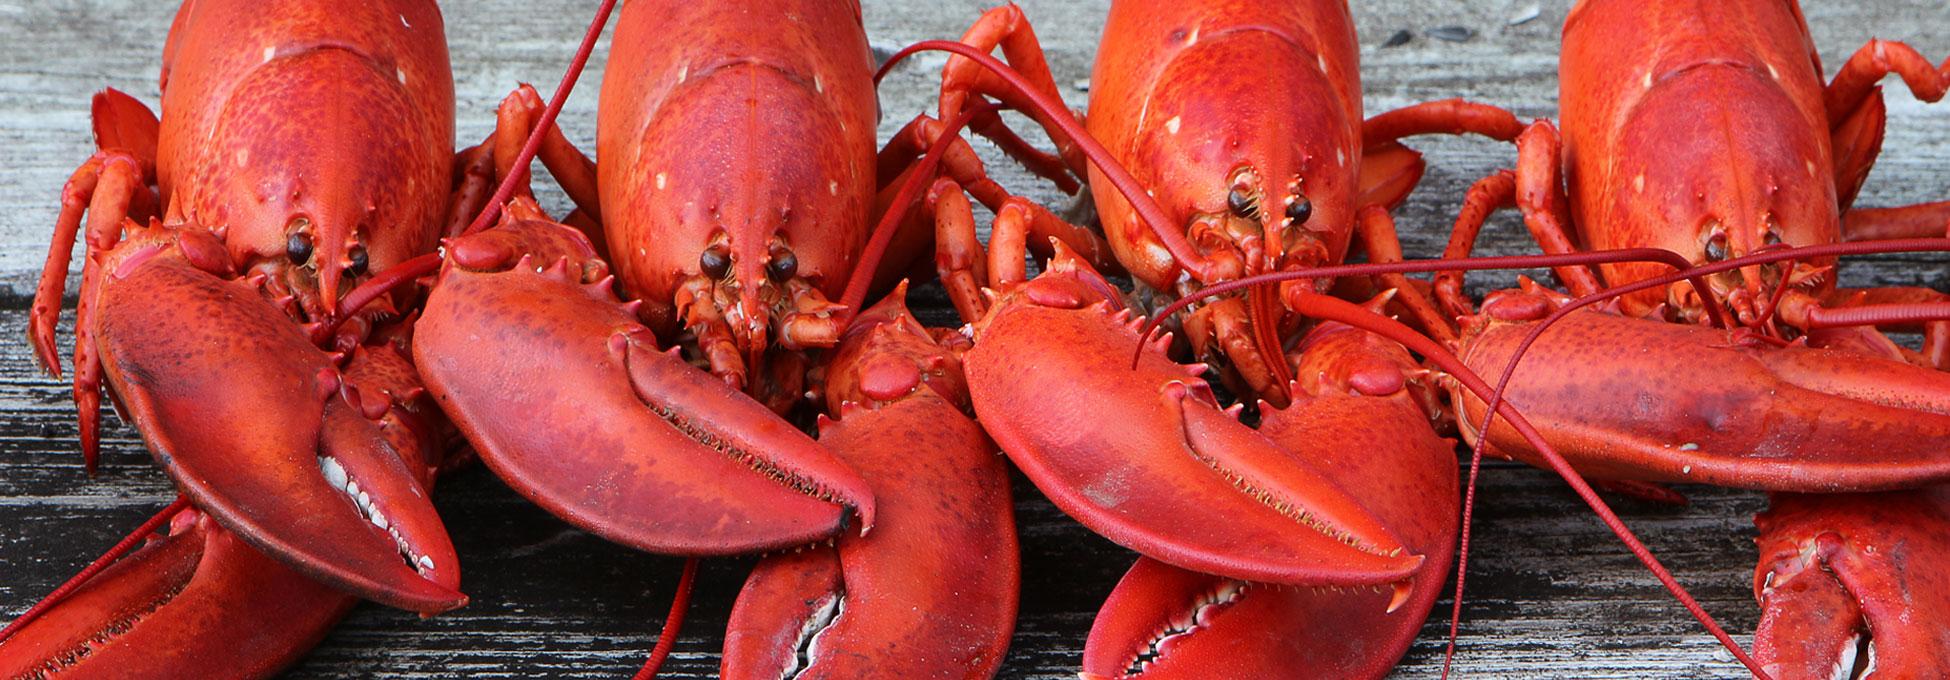 trigs-homepg-banner-lobster-fest-fathers-day.jpg